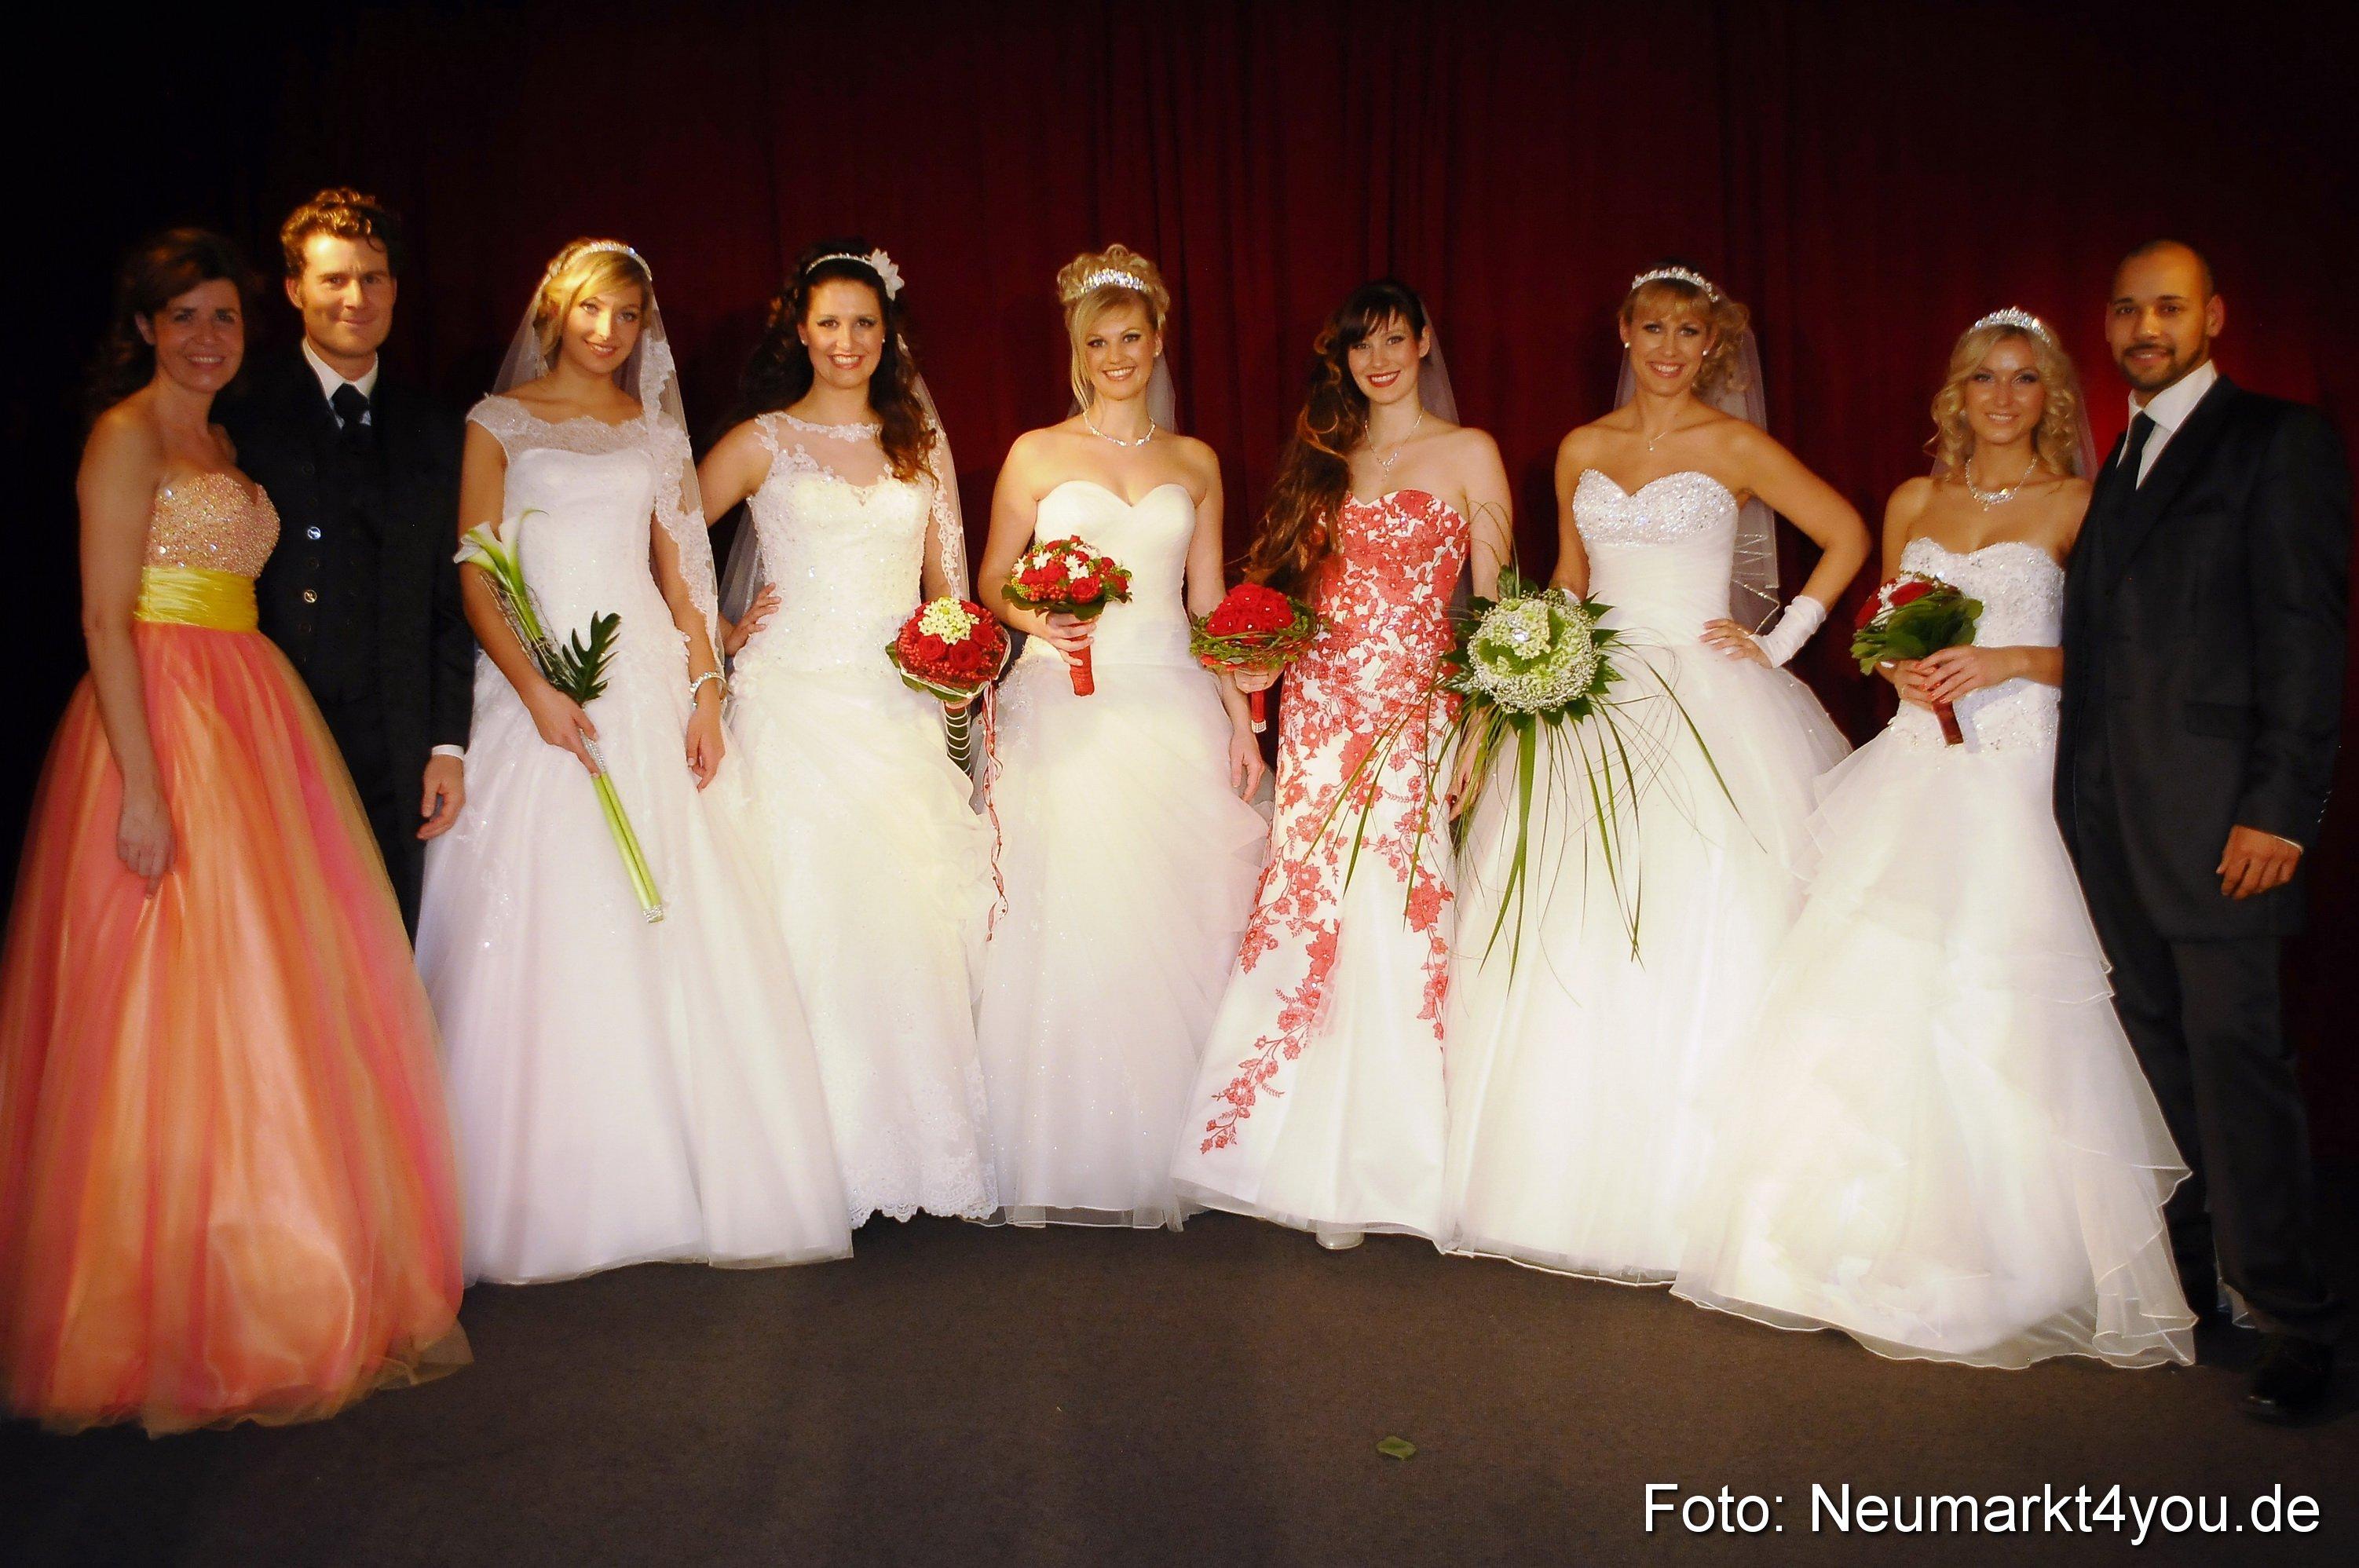 Hochzeitsmesse im Gasthof Sammüller Neumarkt - Neumarkt4you